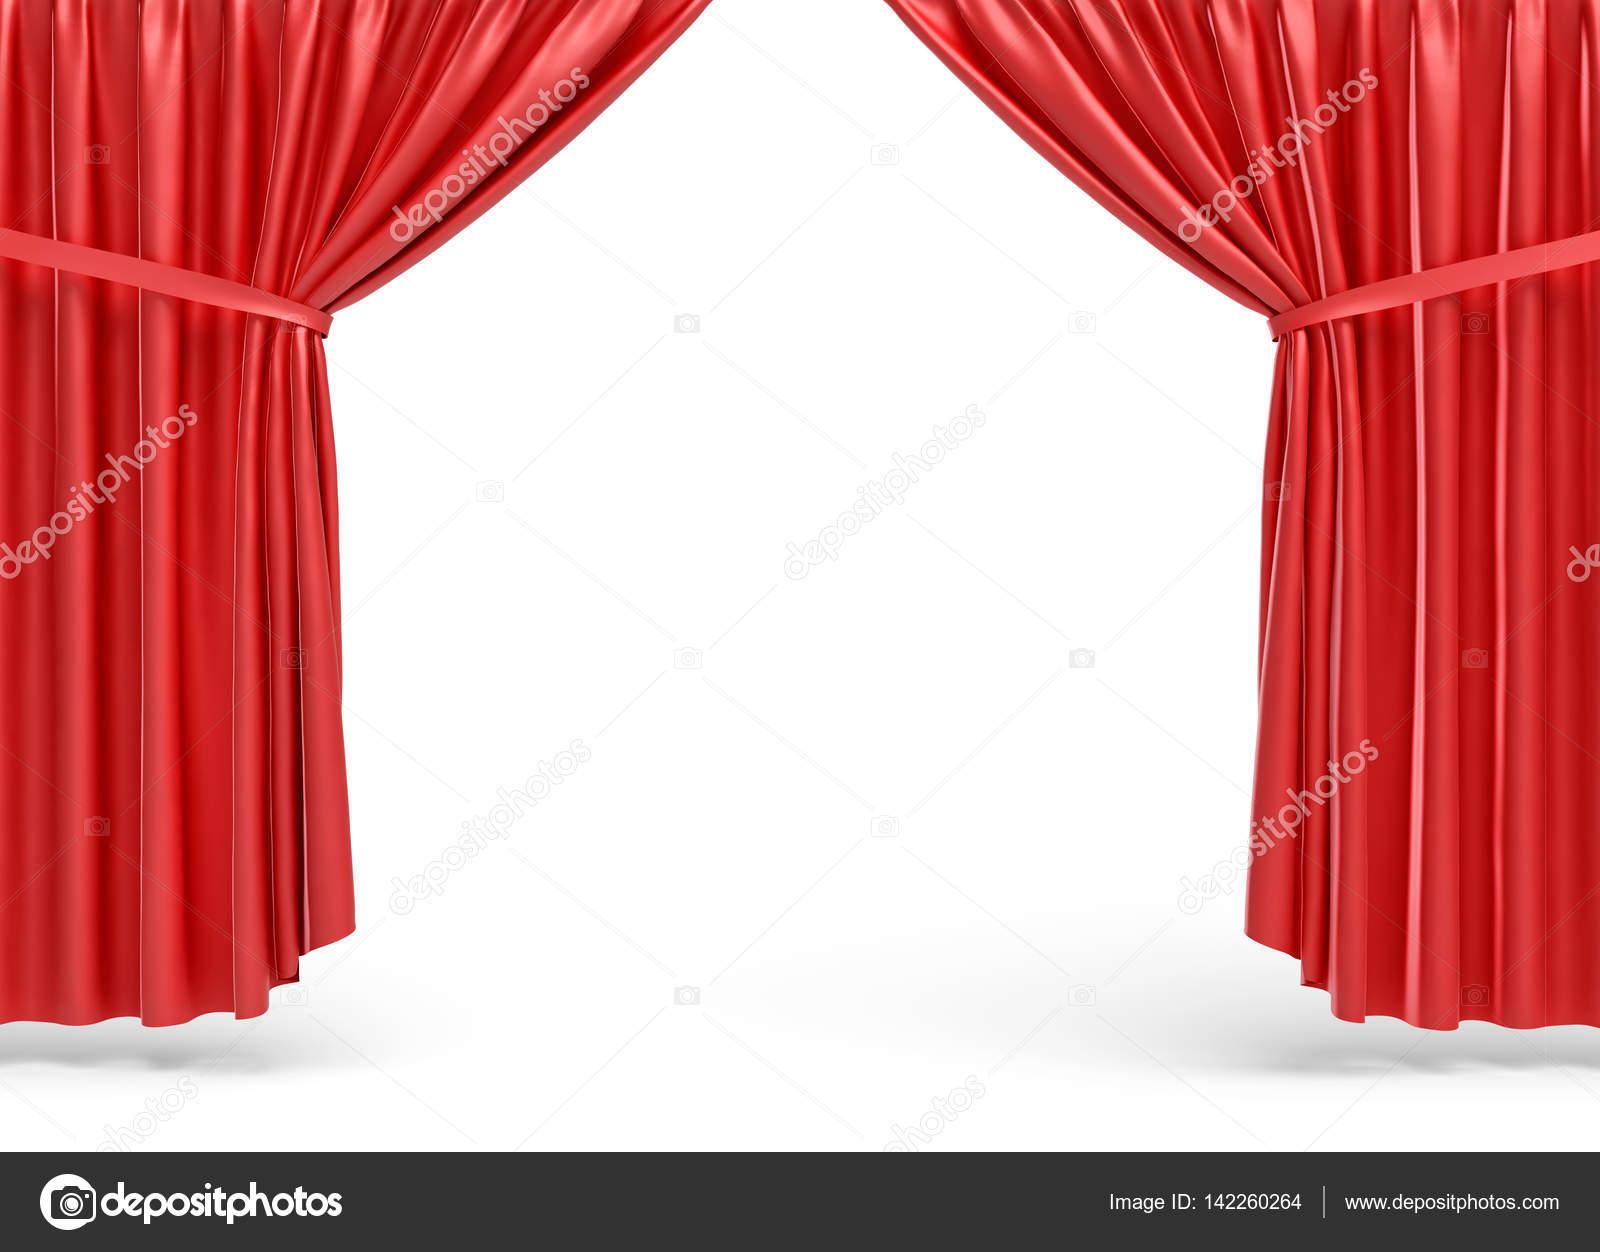 Rendu 3d de rideaux de sc ne ouverte rouge sur fond blanc photographie gearstd 142260264 - Location de rideaux de scene ...